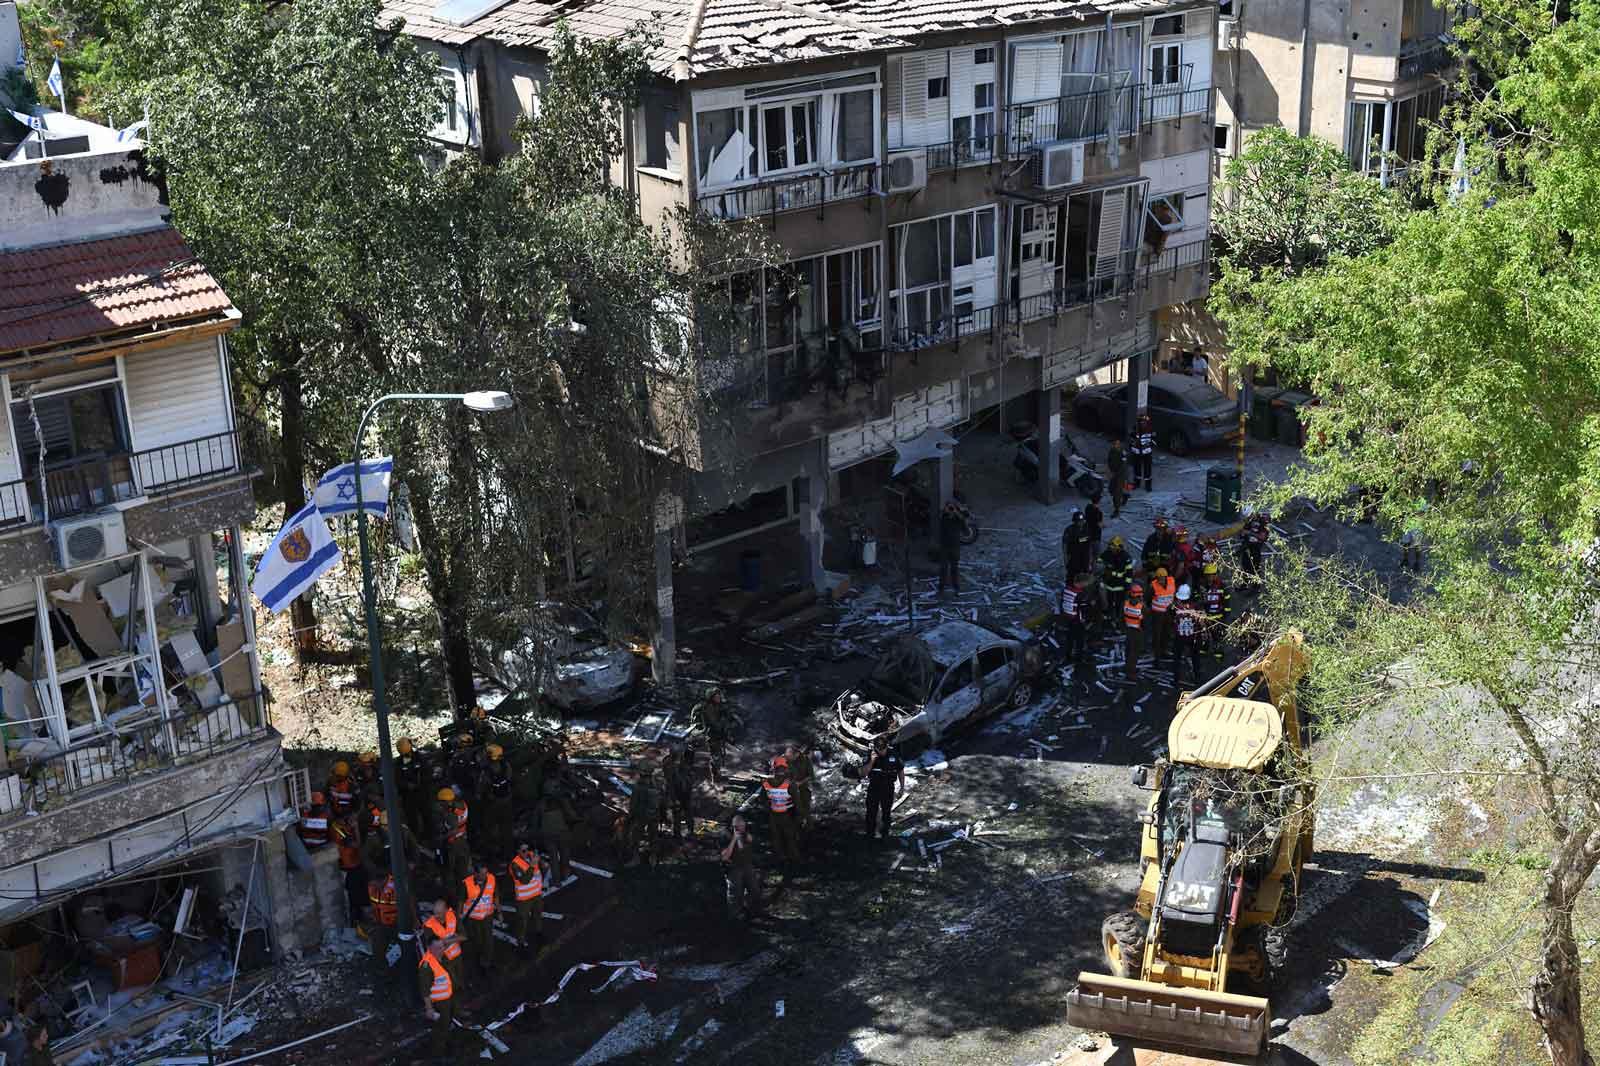 Los grupos terroristas de Gaza cometieron crímenes de guerra durante el conflicto en mayo